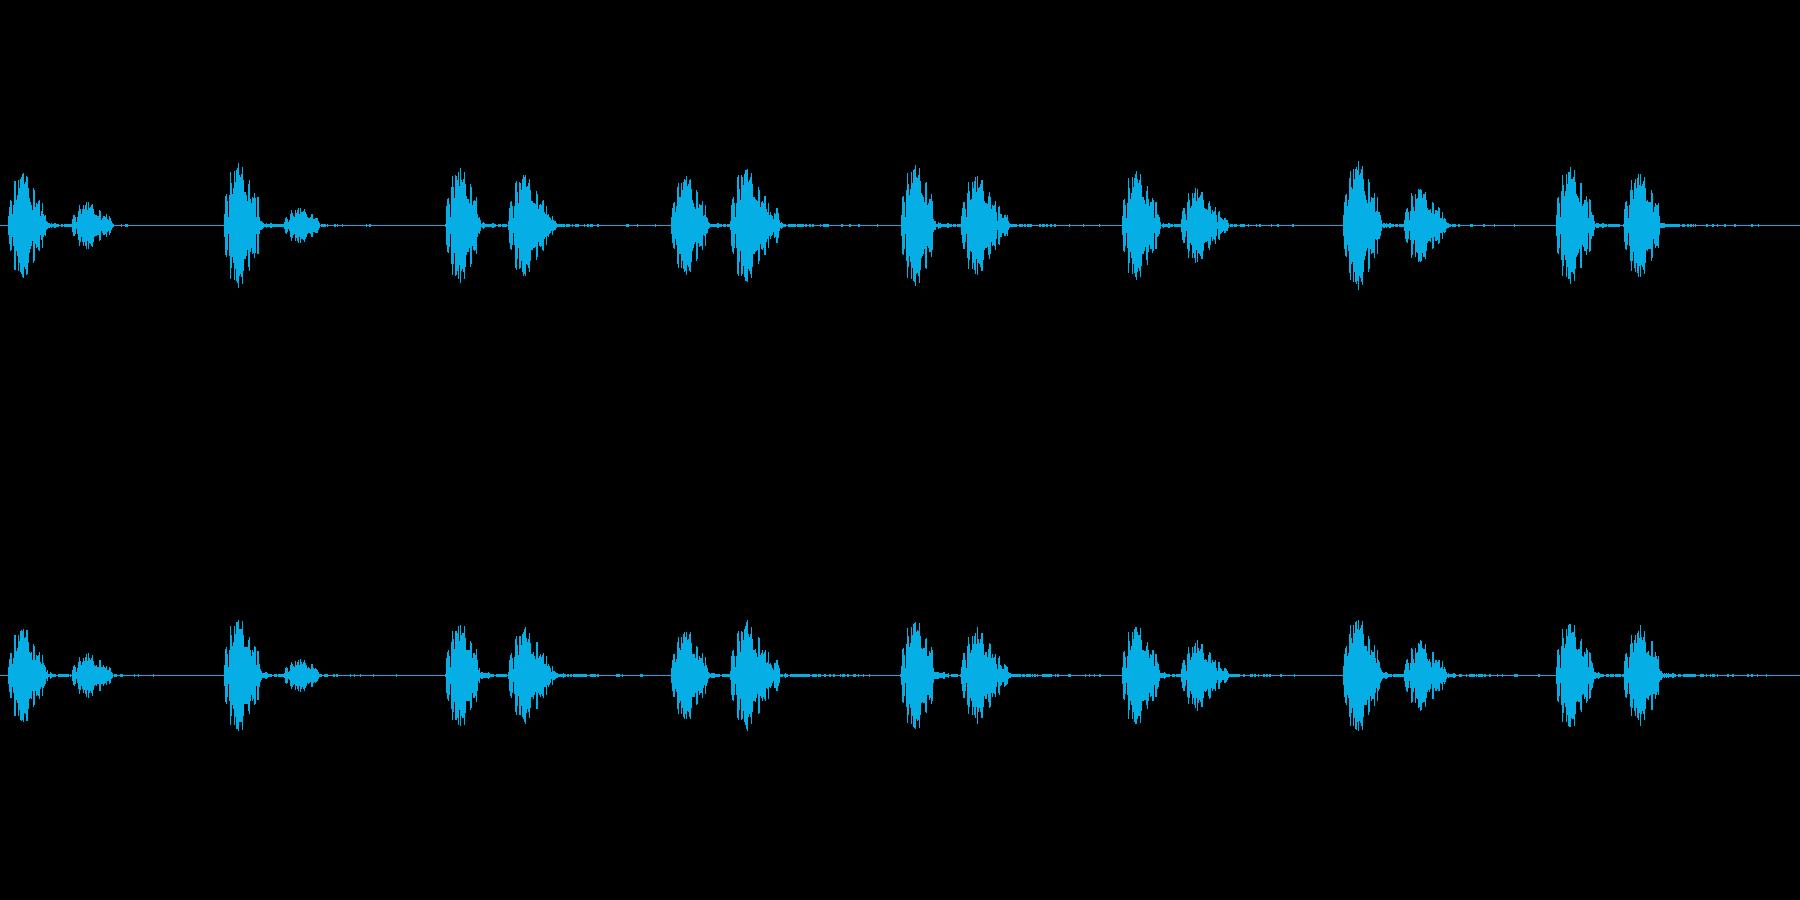 心臓の音ですの再生済みの波形